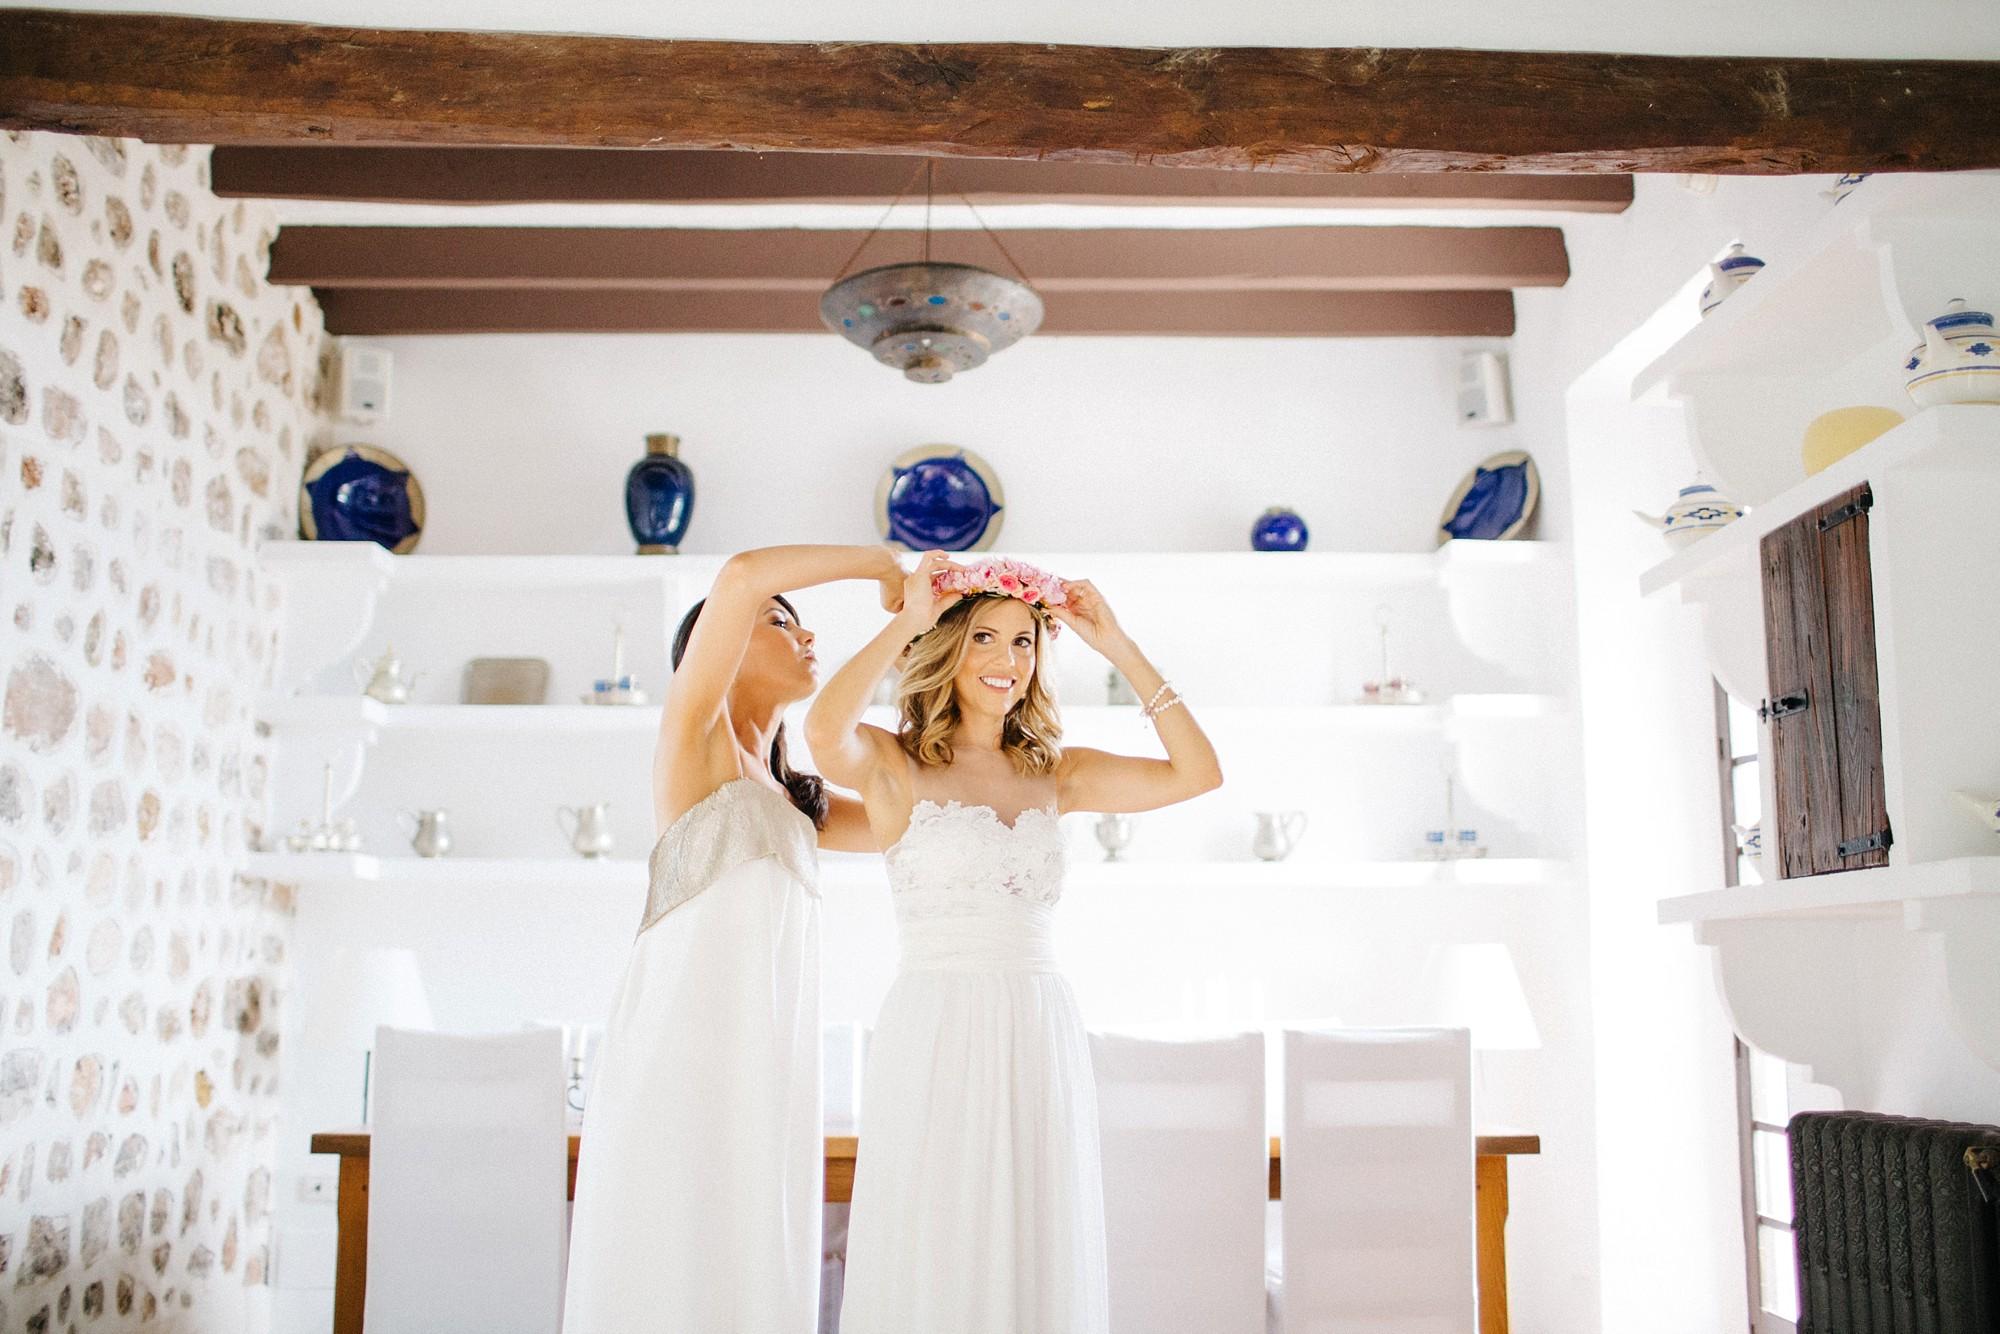 fotografos de boda en valencia barcelona mallorca wedding photographer054.jpg